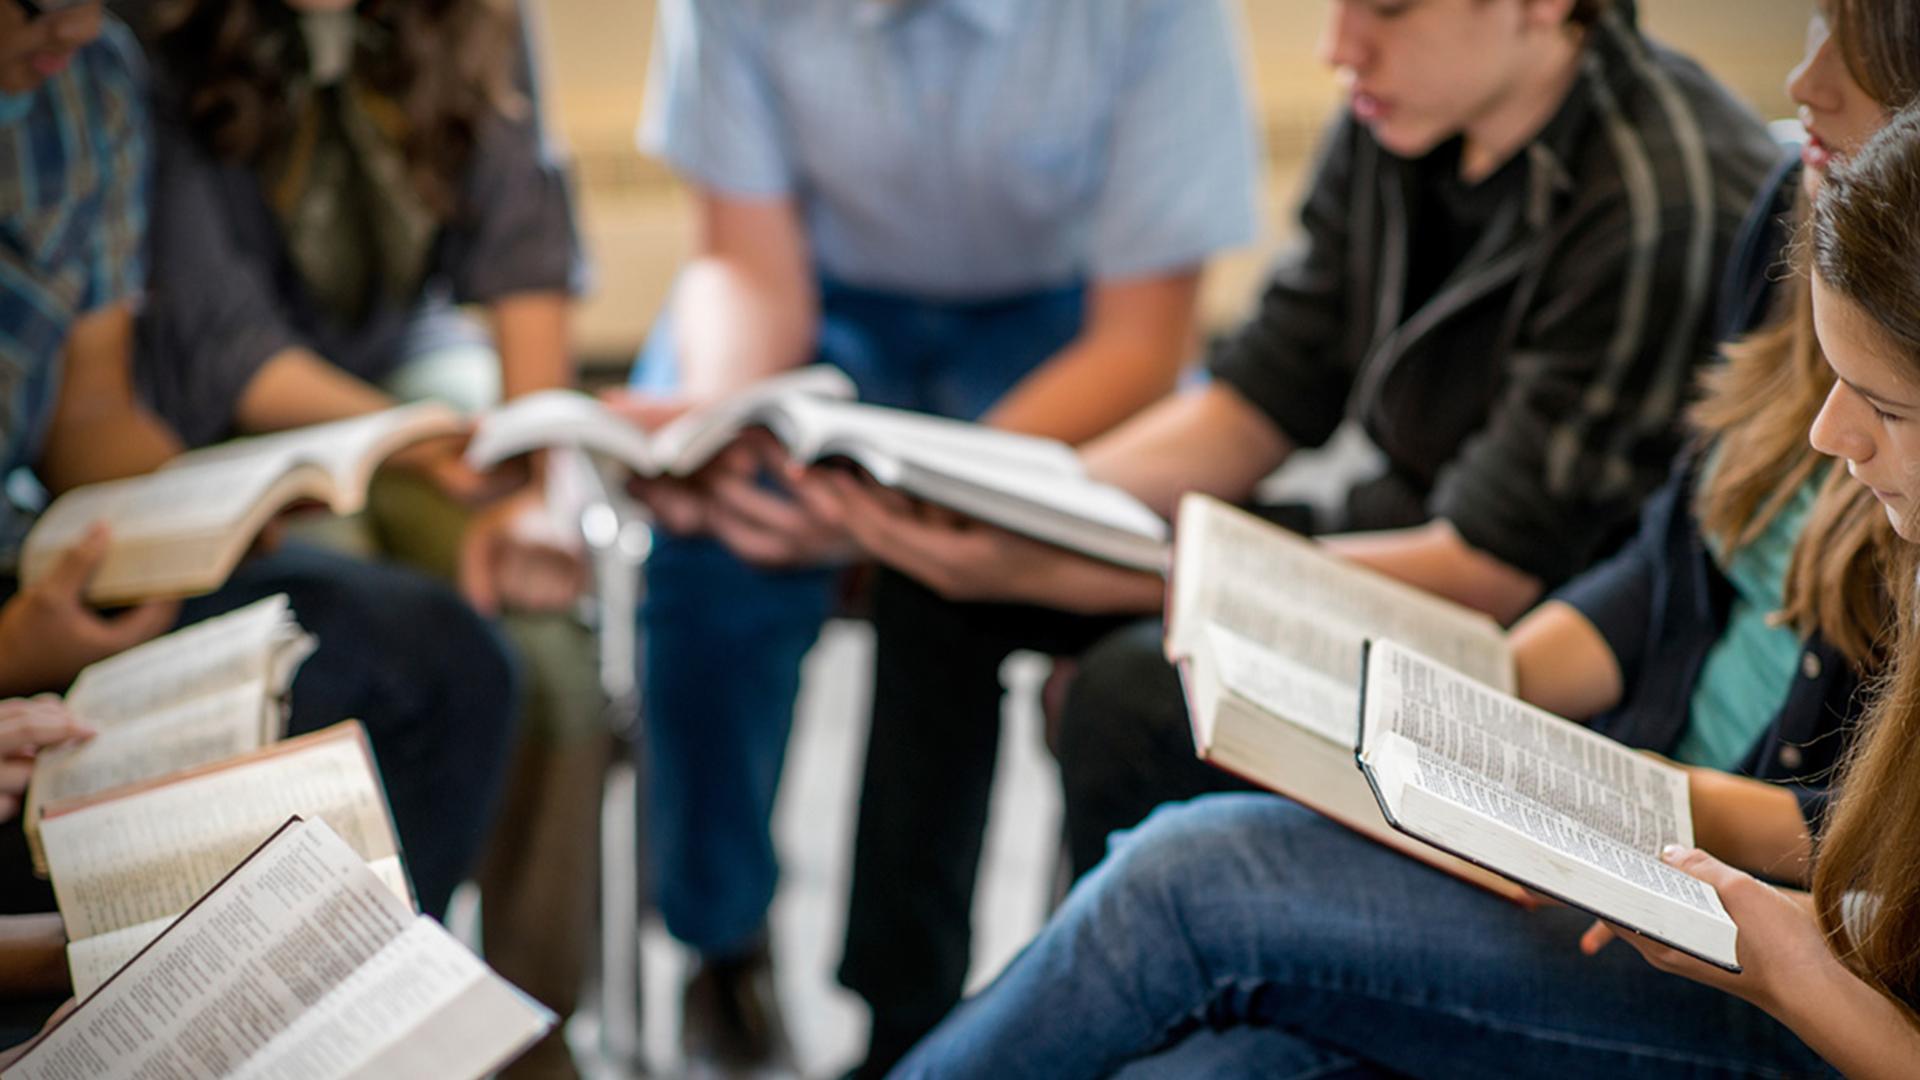 جست و جو در منابع پژوهش | جستوجو در منابع و تدوین پیشینه پژوهش